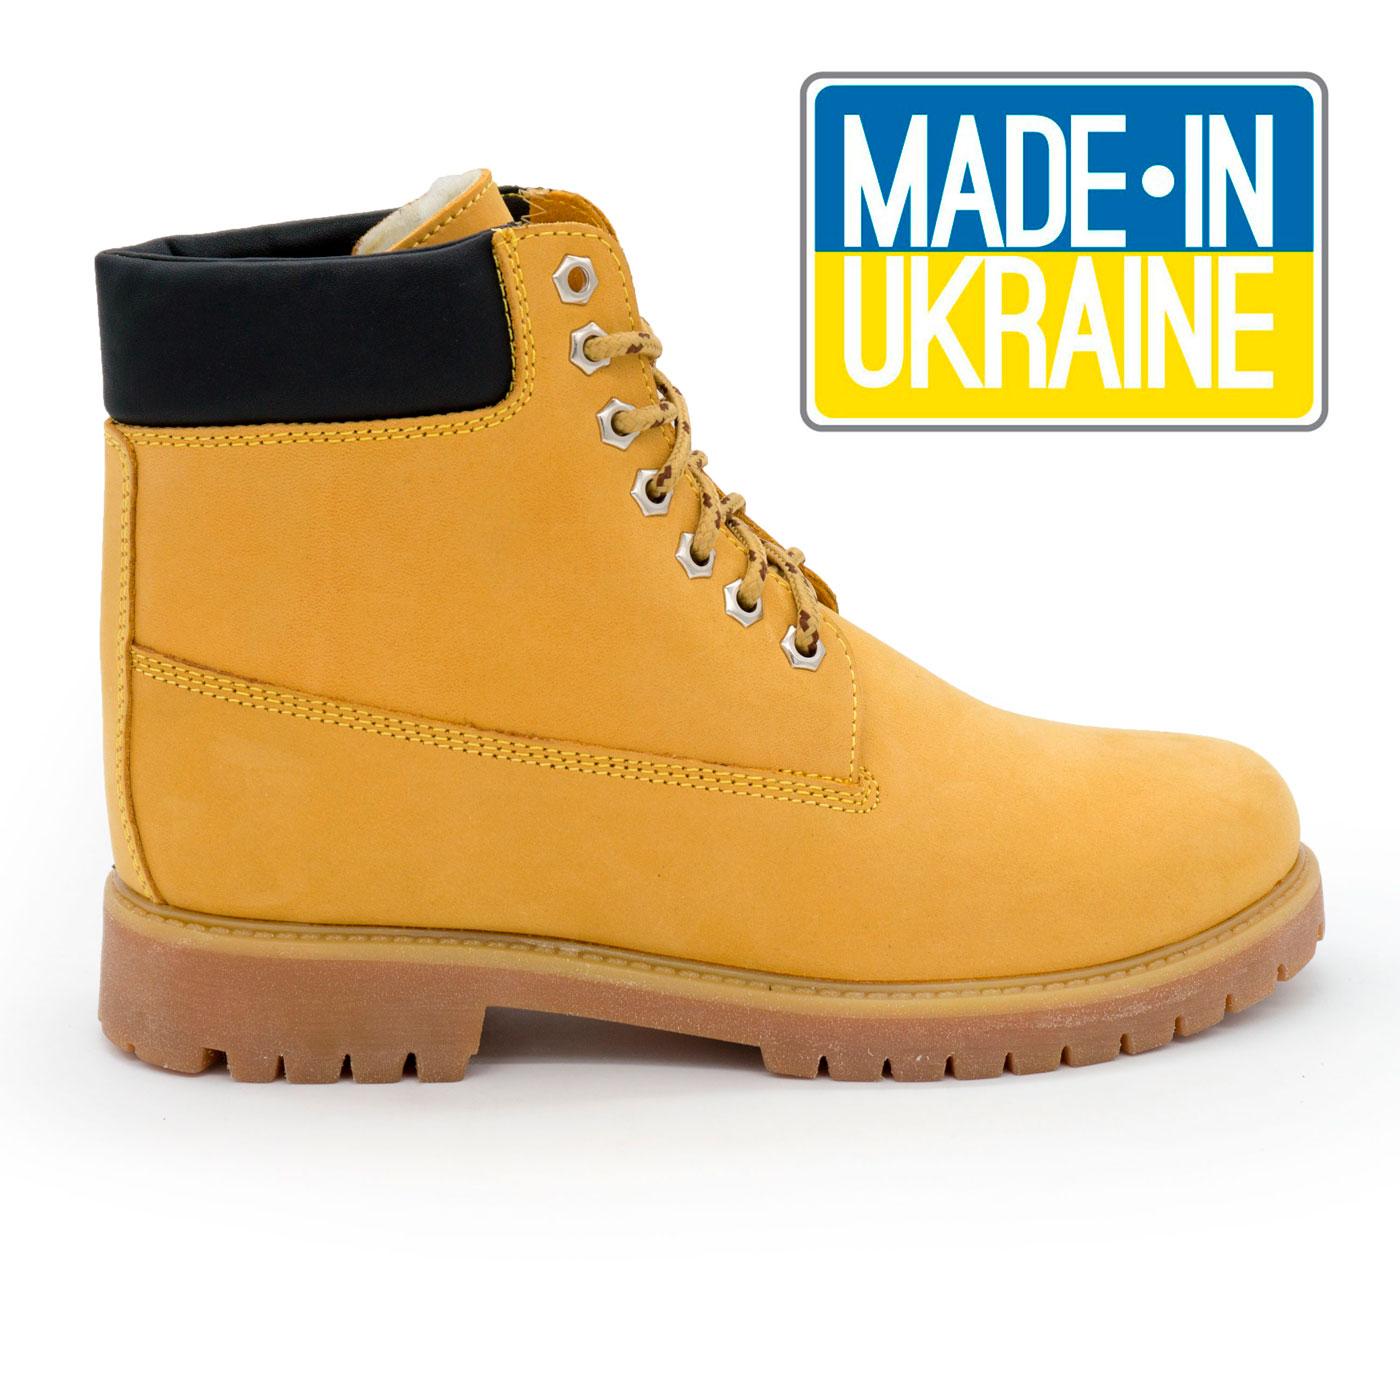 фото main Желтые женские ботинки Реплика Timberland 102 (сделано в Украине) main